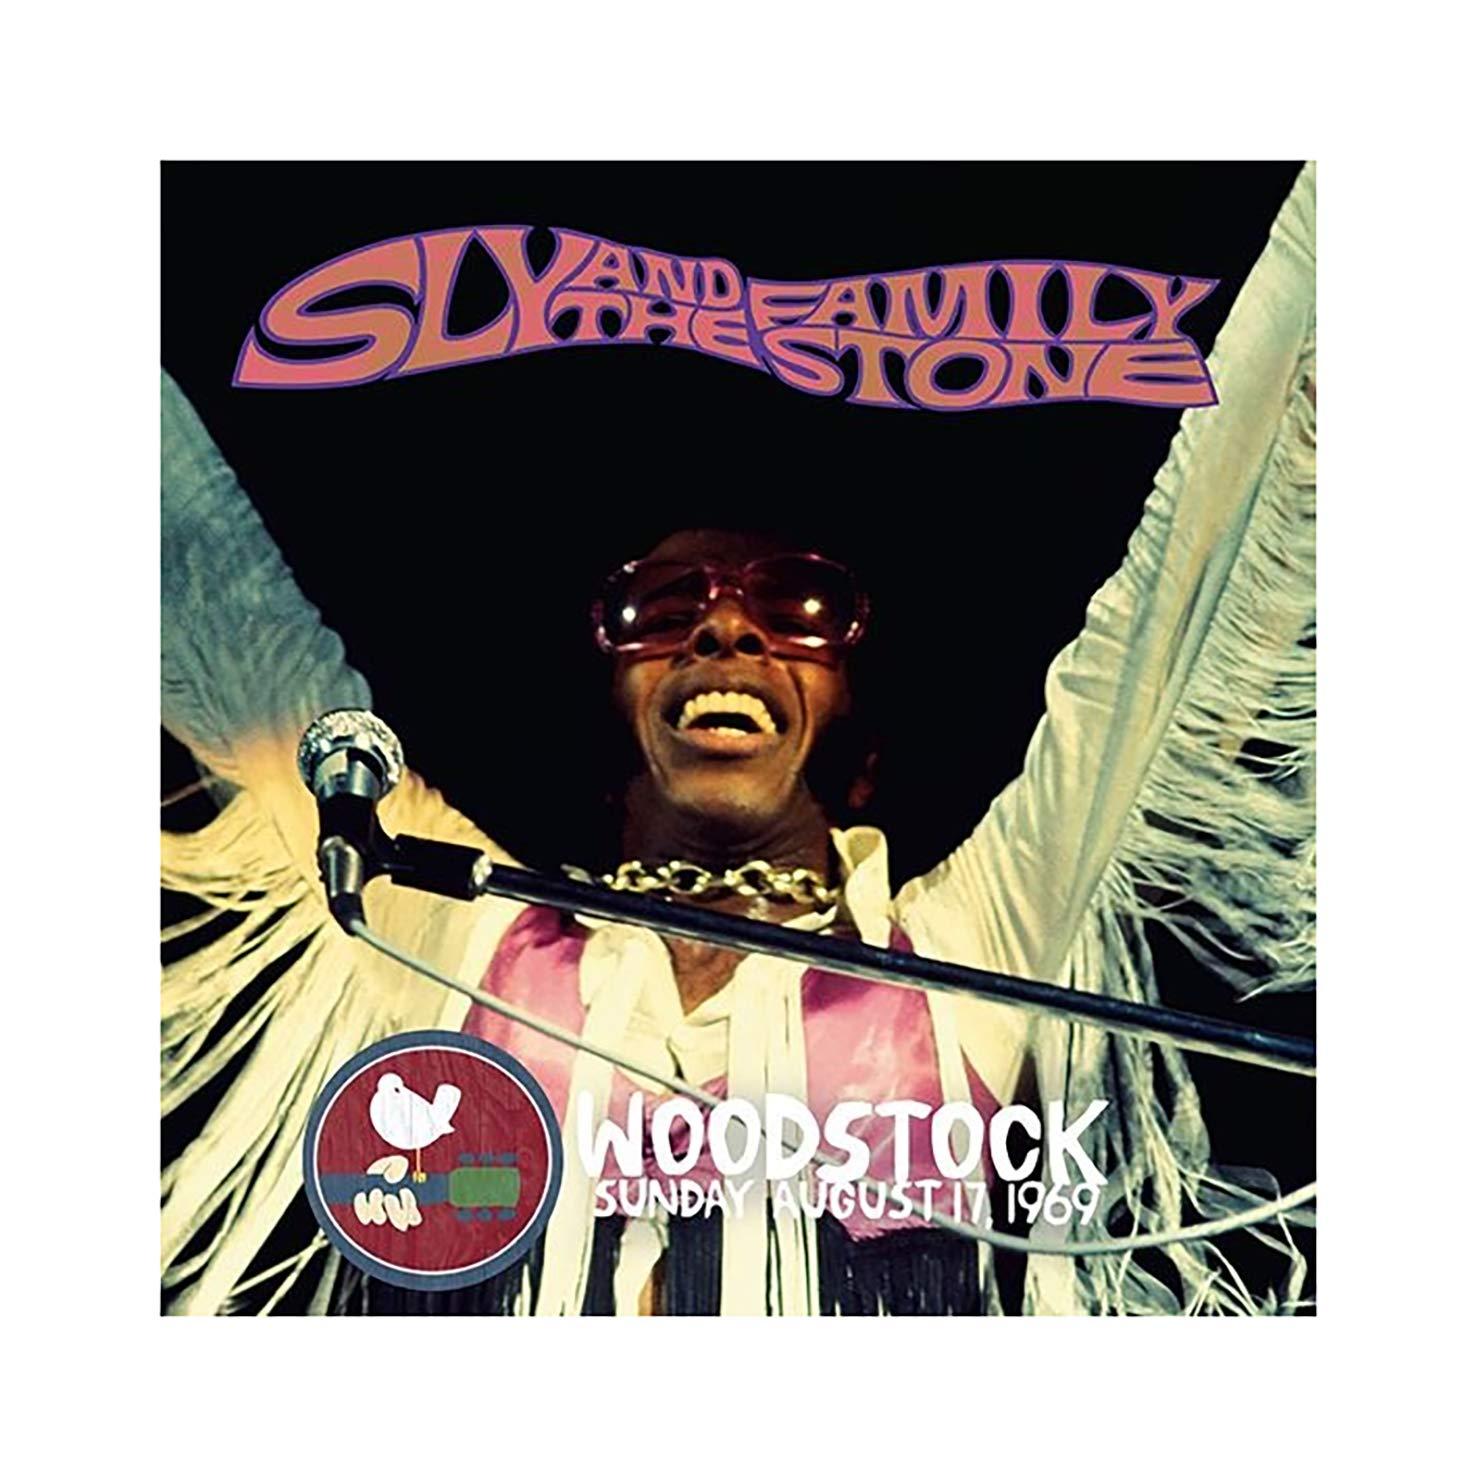 Woodstock Sunday August 17, 1969 - Vinyl thumbnail